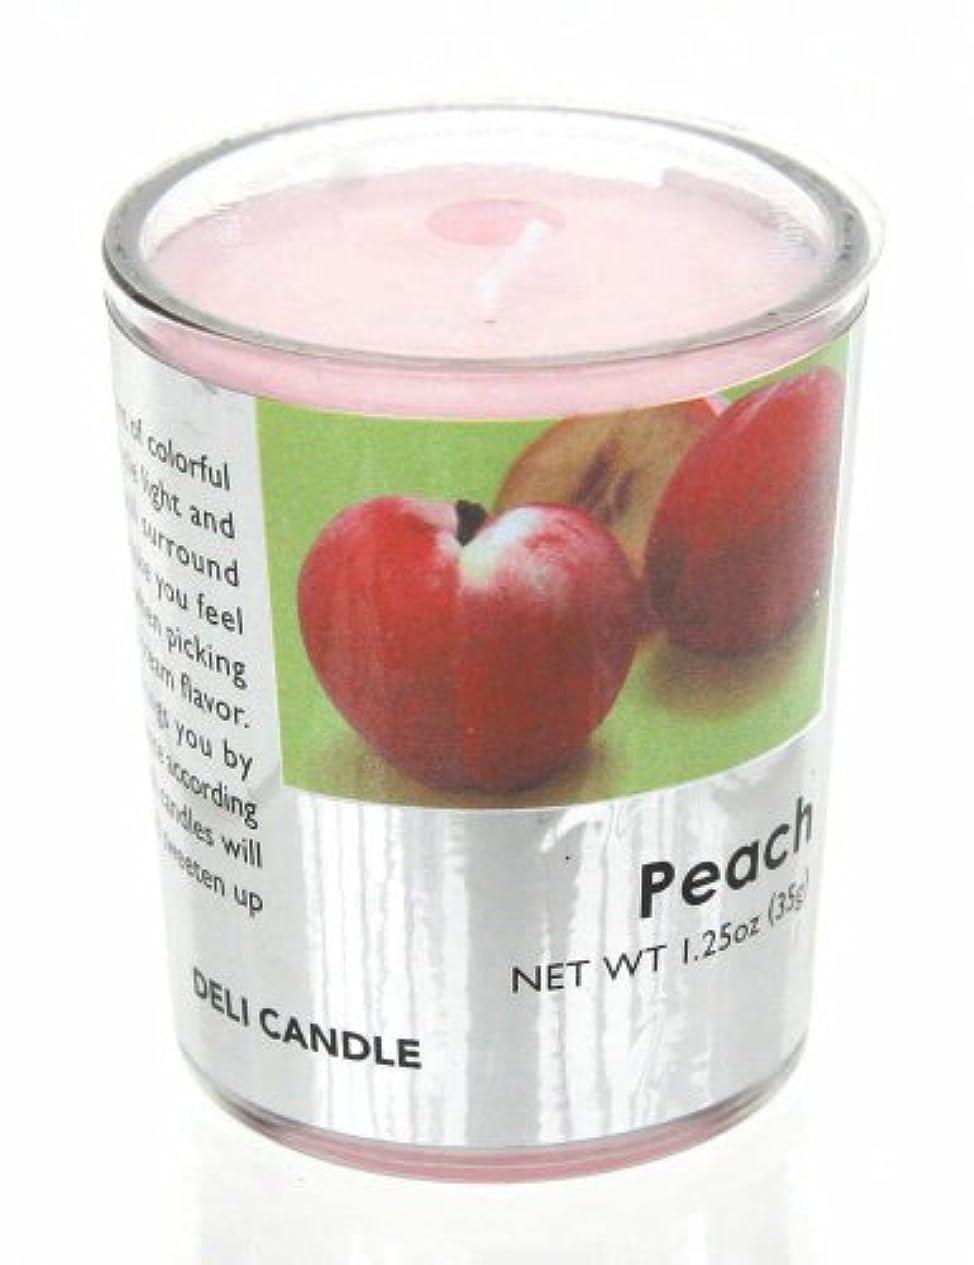 教育者悪の誤ってデリキャンドル ピーチ 35g(フルーツの香りのろうそく 燃焼時間約10時間)